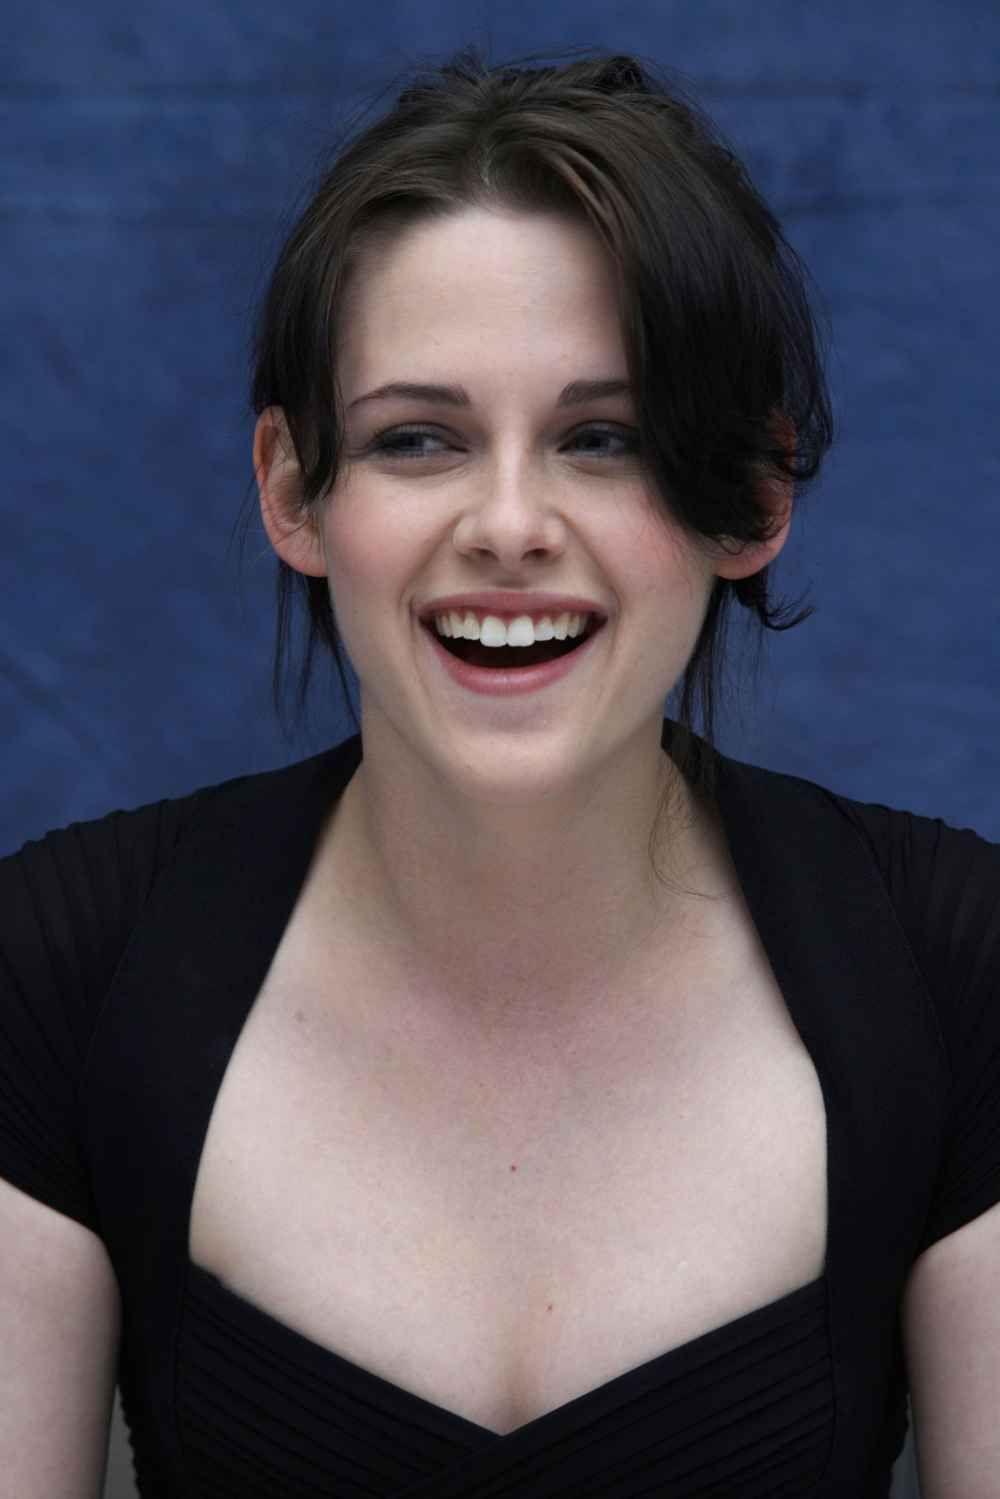 Matchless Kristen stewart teeth what